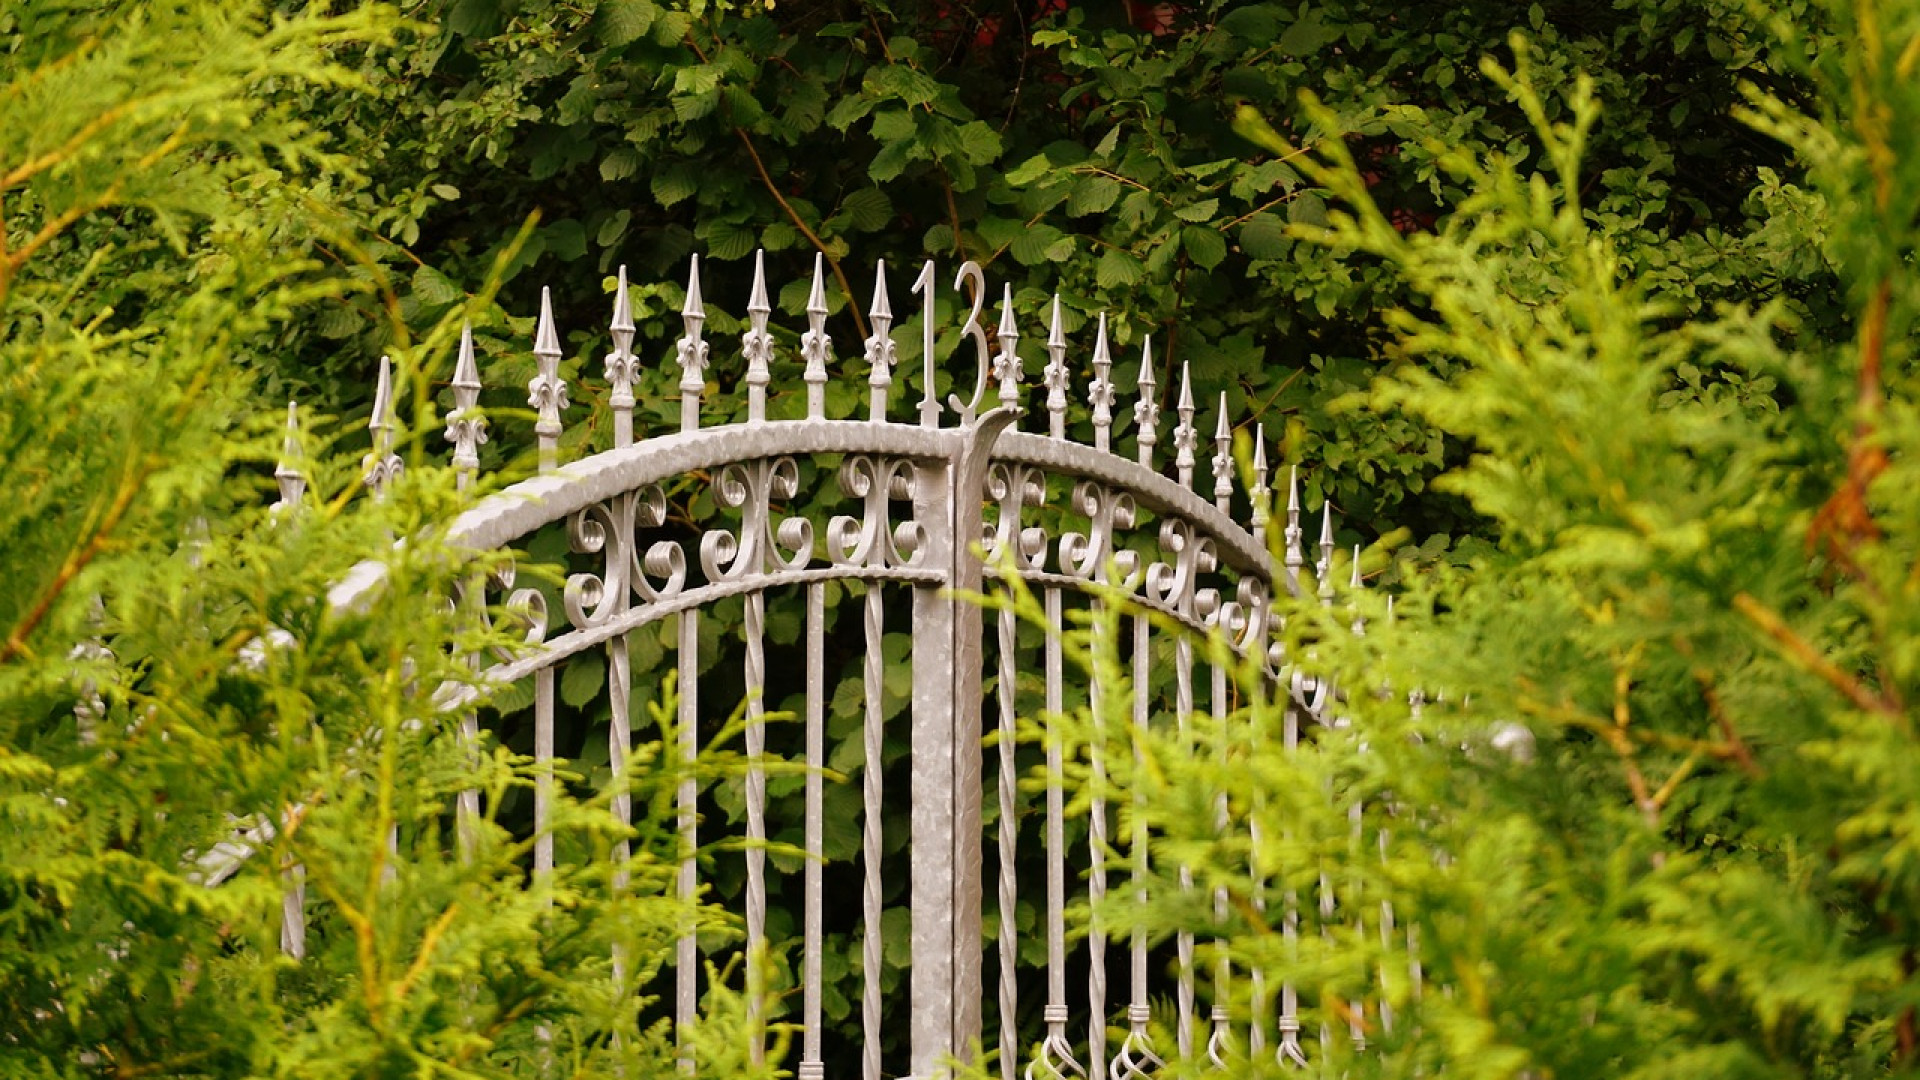 Le portail sur mesure s adapte r ellement votre ext rieur for Portail maison sur mesure